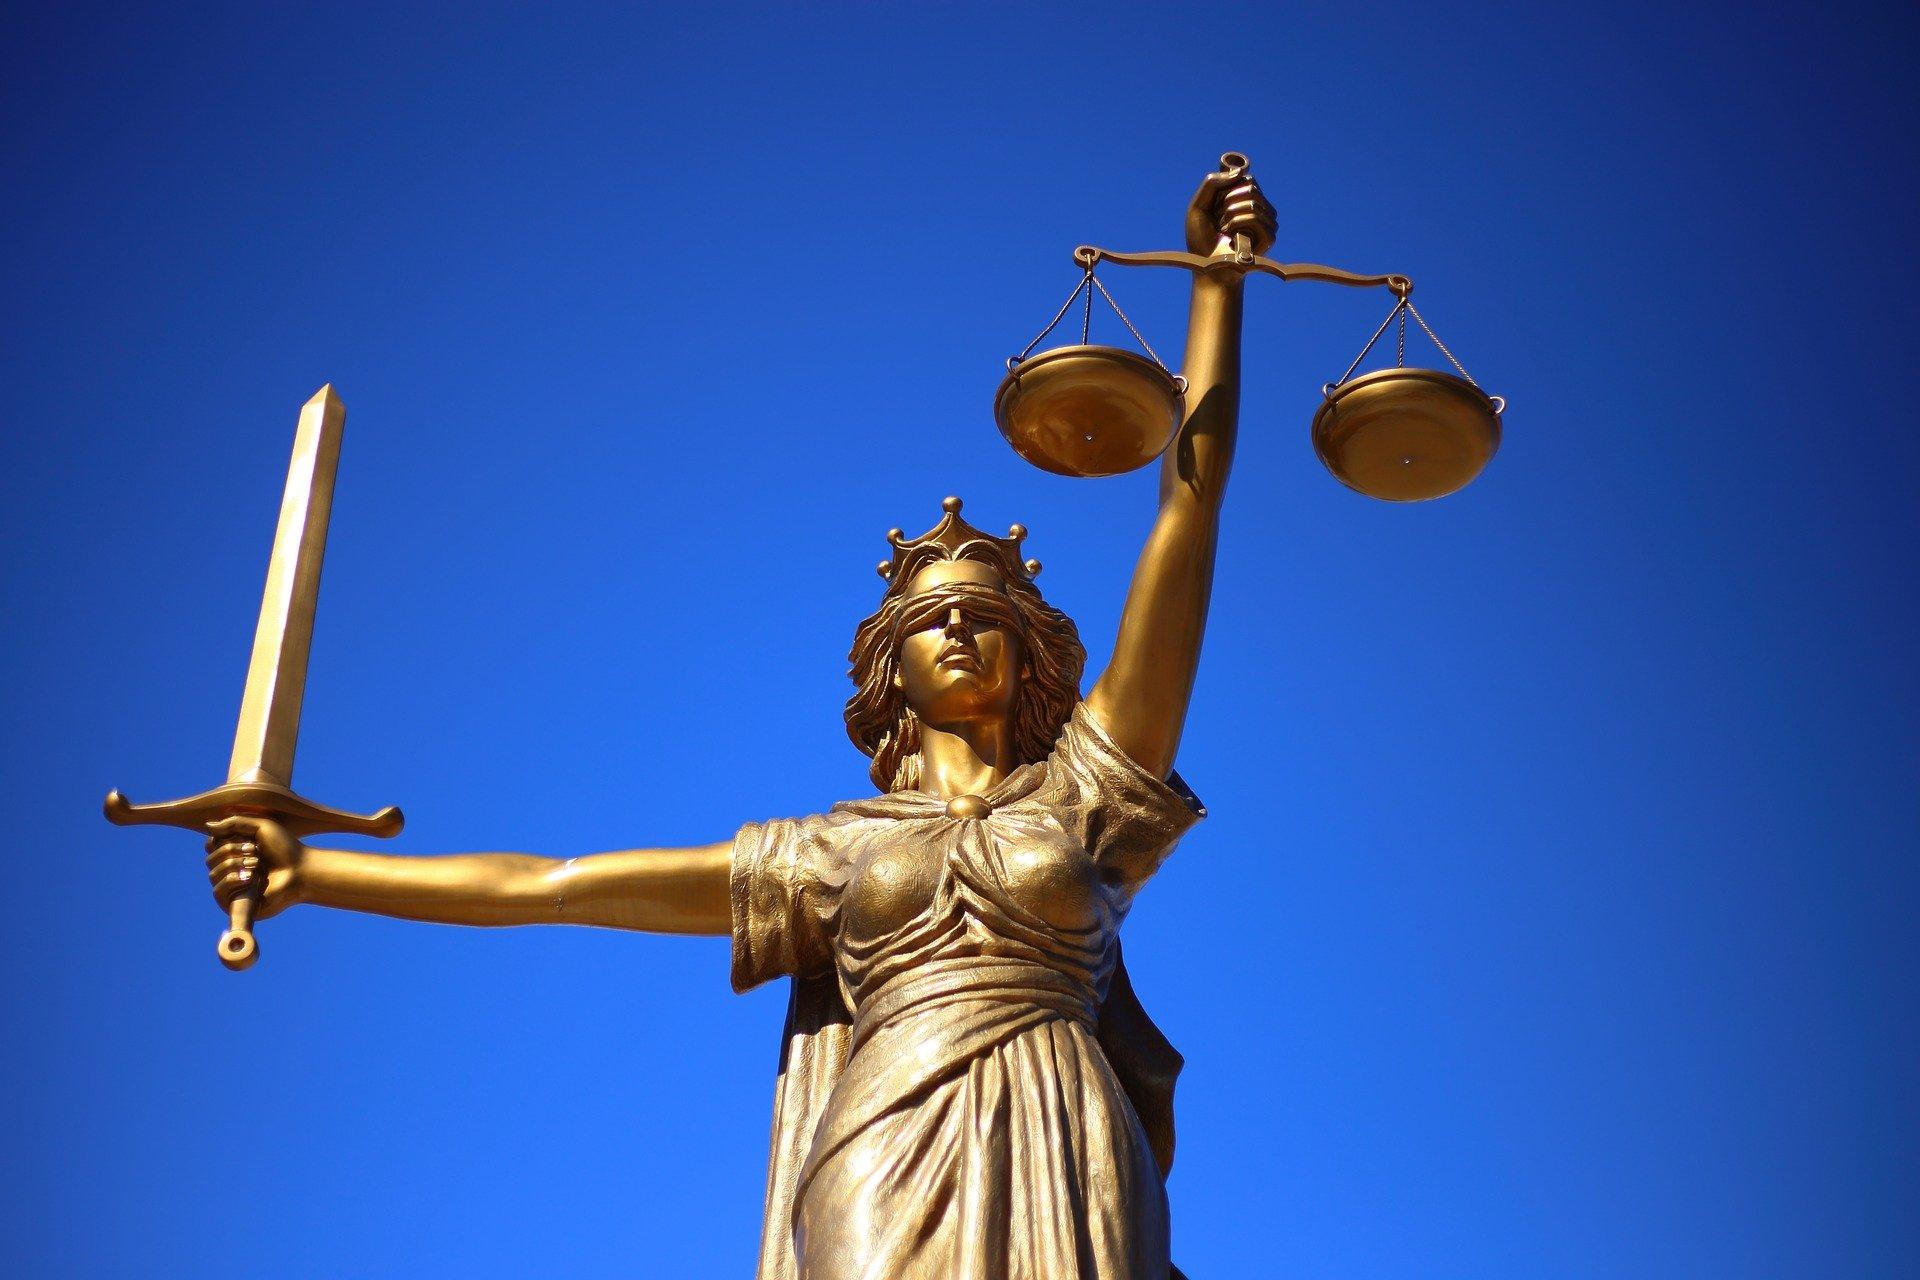 Щодо права громадського об'єднання на звернення до суду з позовом про визнання недійсним договору про закупівлю, укладеного за результатами переговорної процедури, в якій громадське об'єднання не брало участі